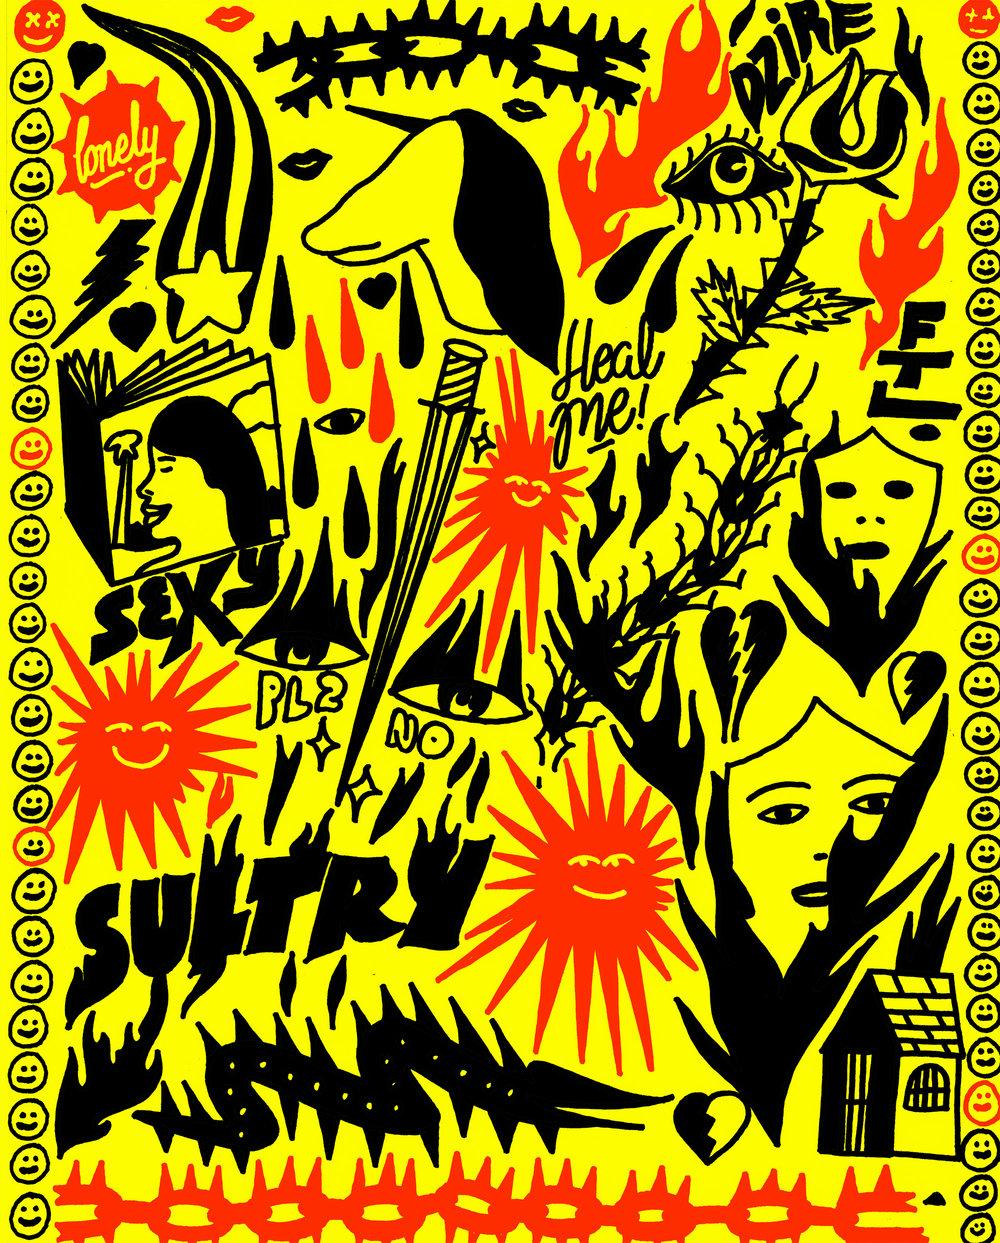 club_heat_poster_16x20_5.jpg